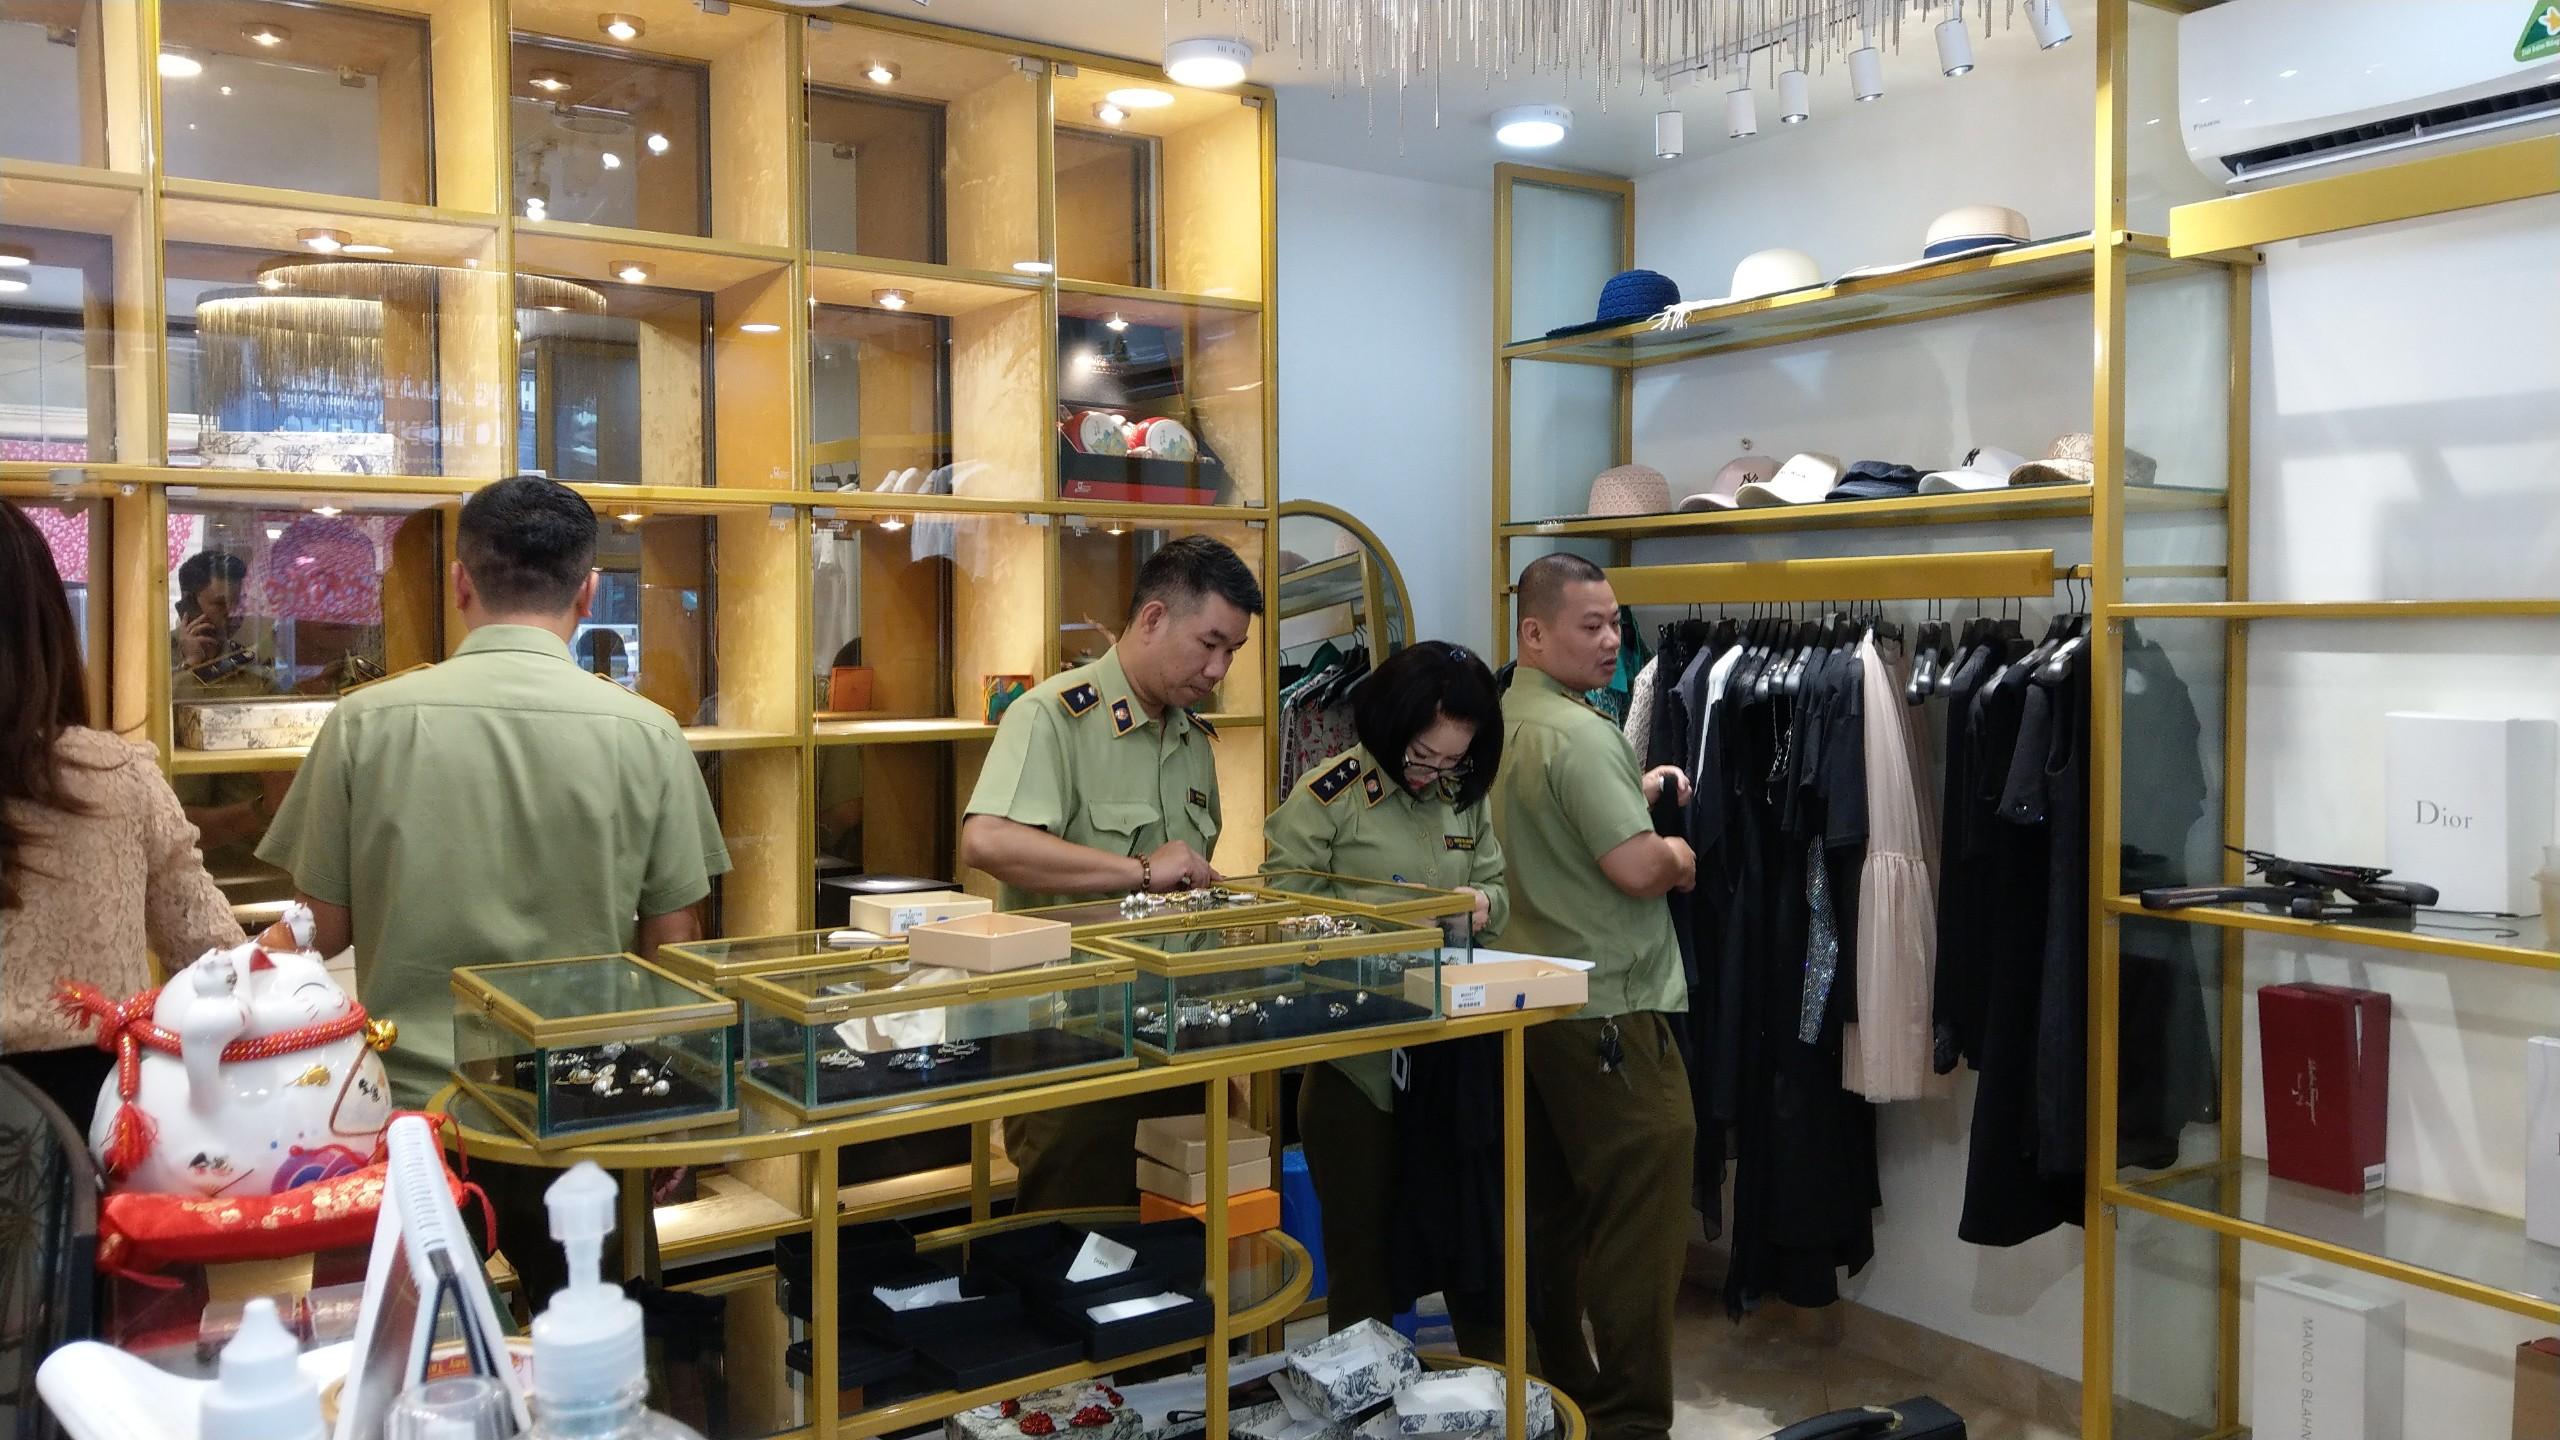 QLTT Hà Nội: Cục QLTT thành phố Hà Nội phối hợp với Cục Nghiệp vụ - Tổng Cục QLTT tiến hành kiểm tra 07 cơ sở có dấu hiệu kinh doanh hàng giả trên địa bàn quận Hoàn Kiếm.